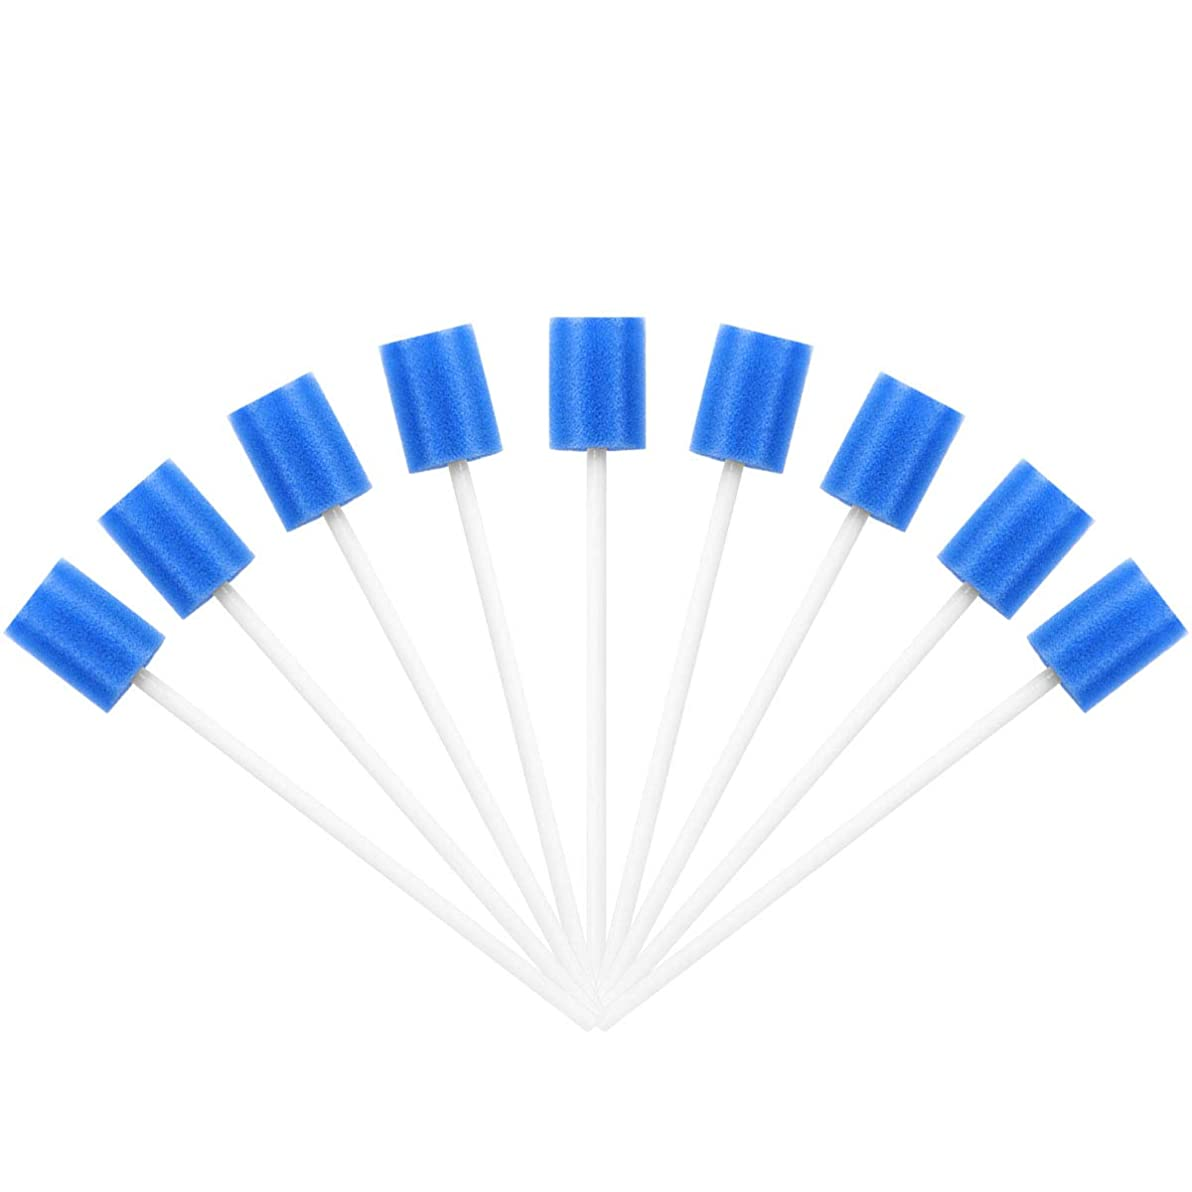 インスタンス曲反対するSUPVOX 100PCS使い捨て可能なオーラルケアスポンジ綿棒歯のクリーニングスポンジ綿棒用口腔クリーニング(ブルー)